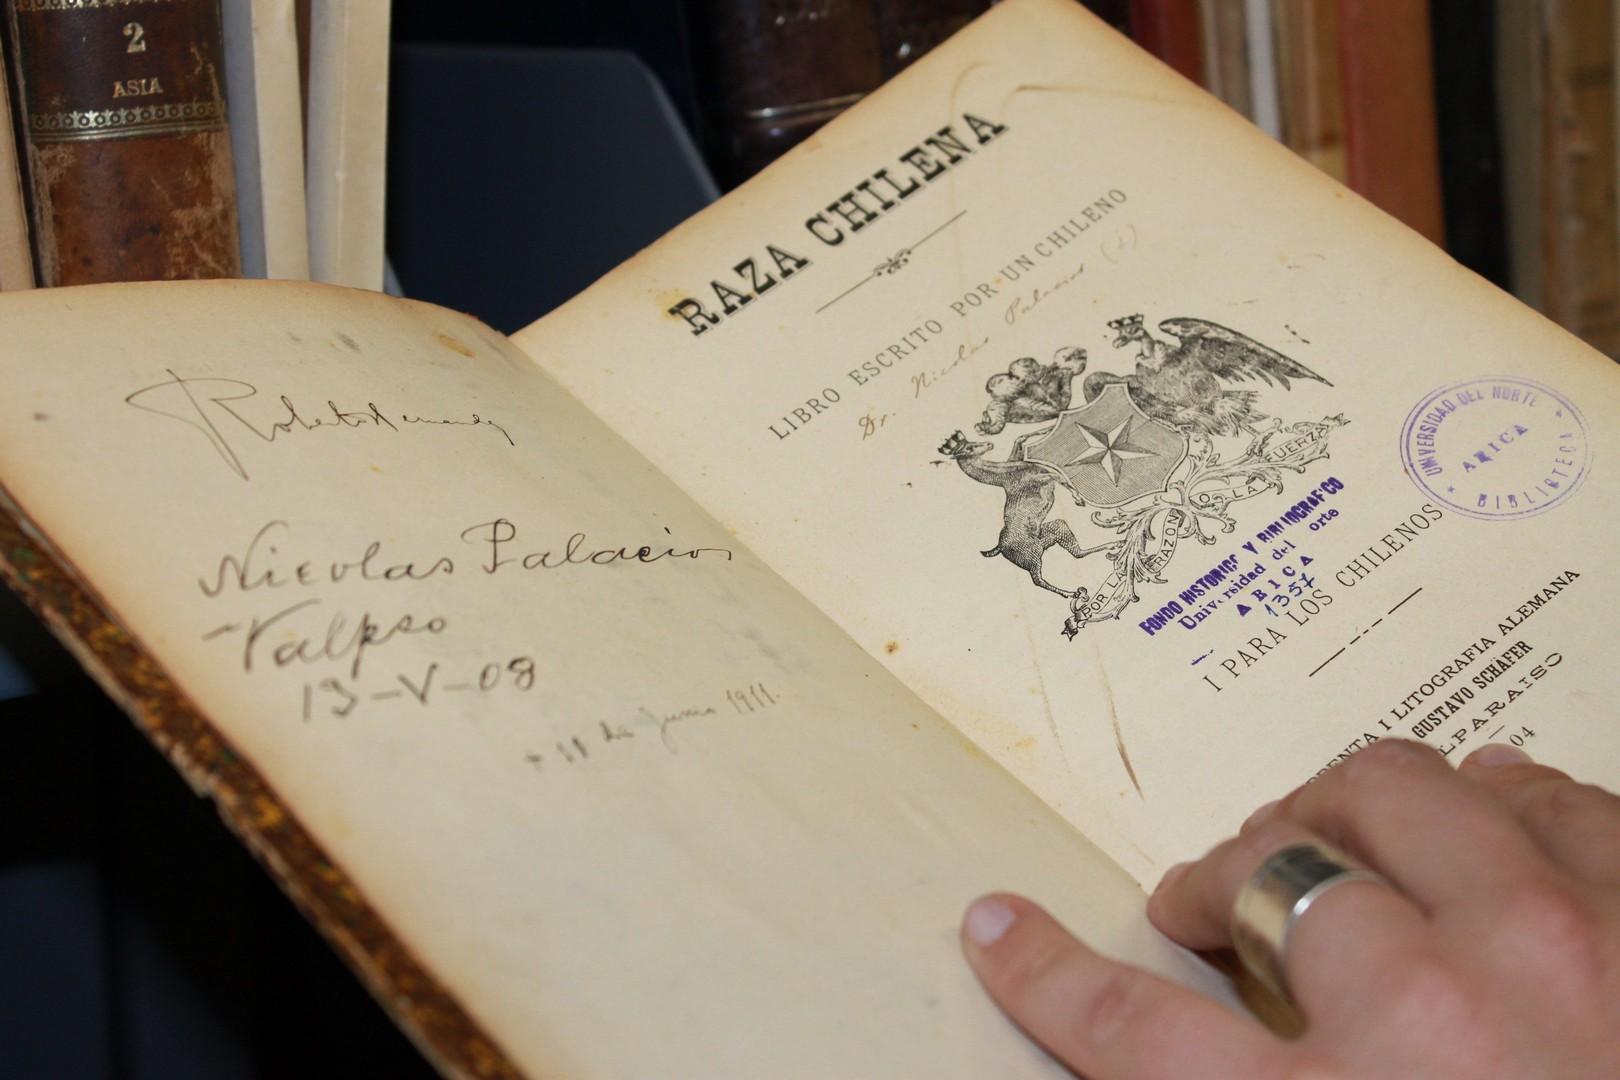 Nueva página web y acceso a textos de valor histórico – patrimonial presenta la colección Alfredo Wo